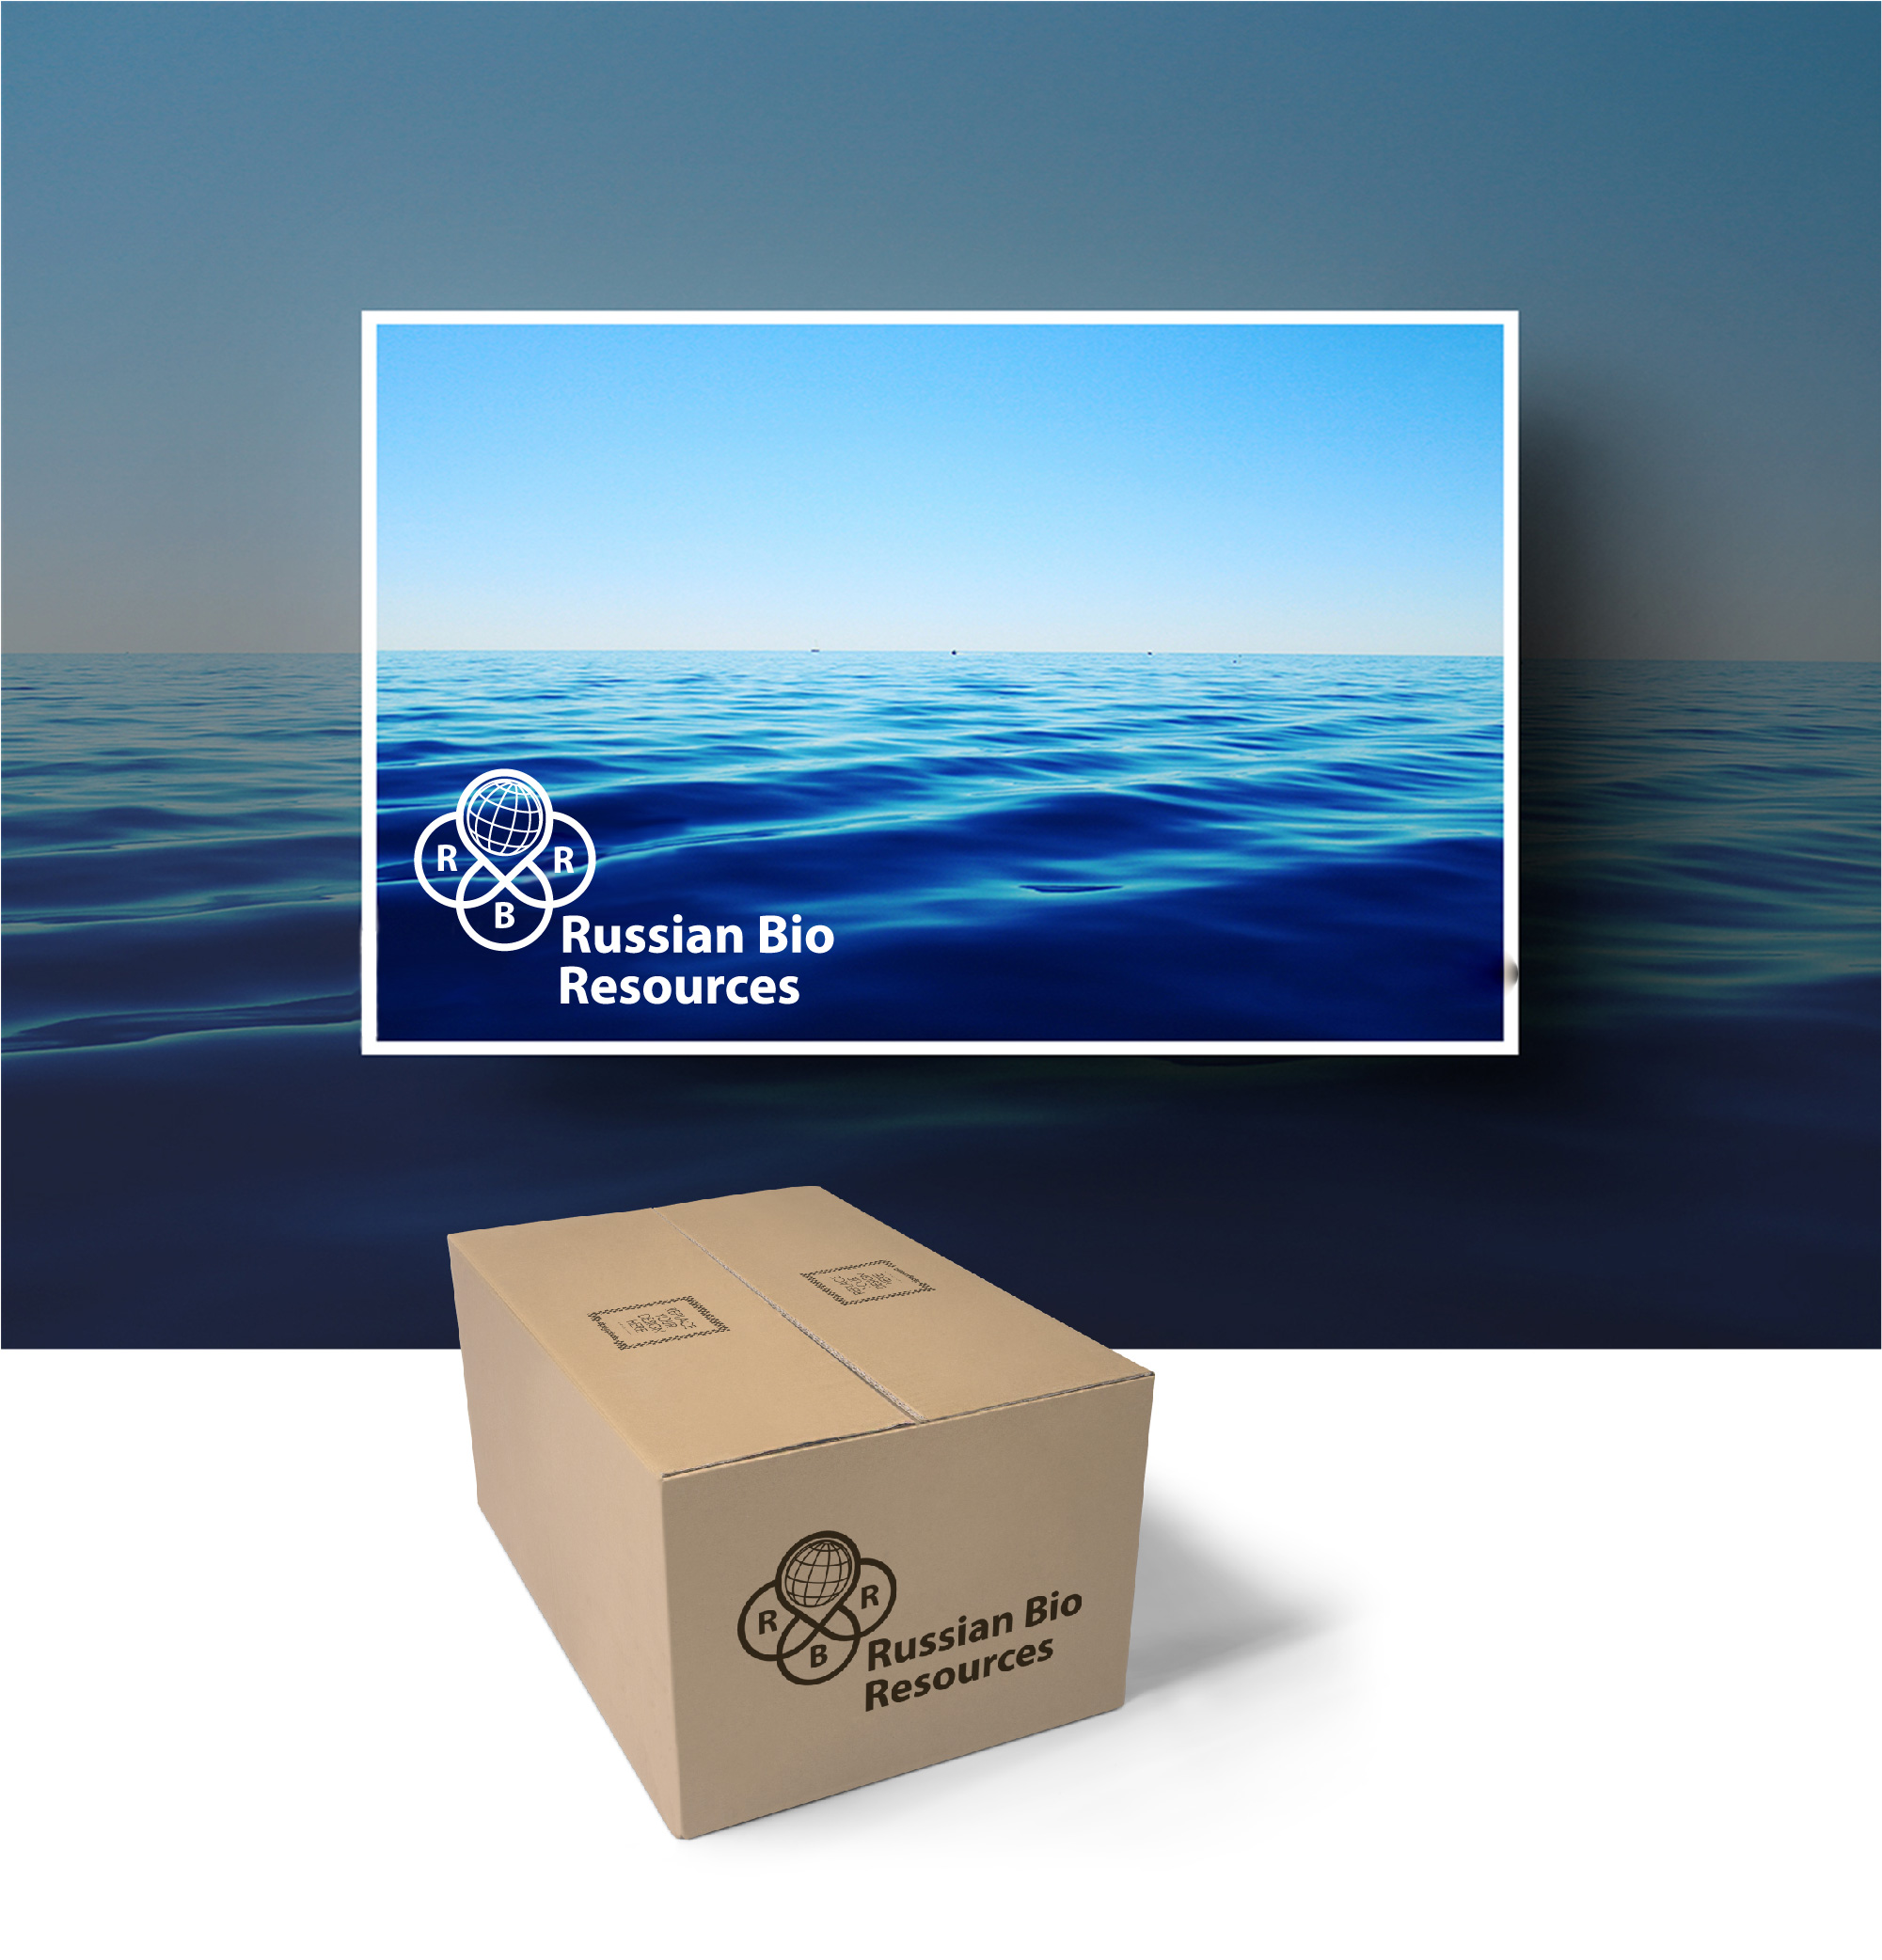 Разработка логотипа для компании «Русские Био Ресурсы» фото f_39058fb7e1a02449.jpg